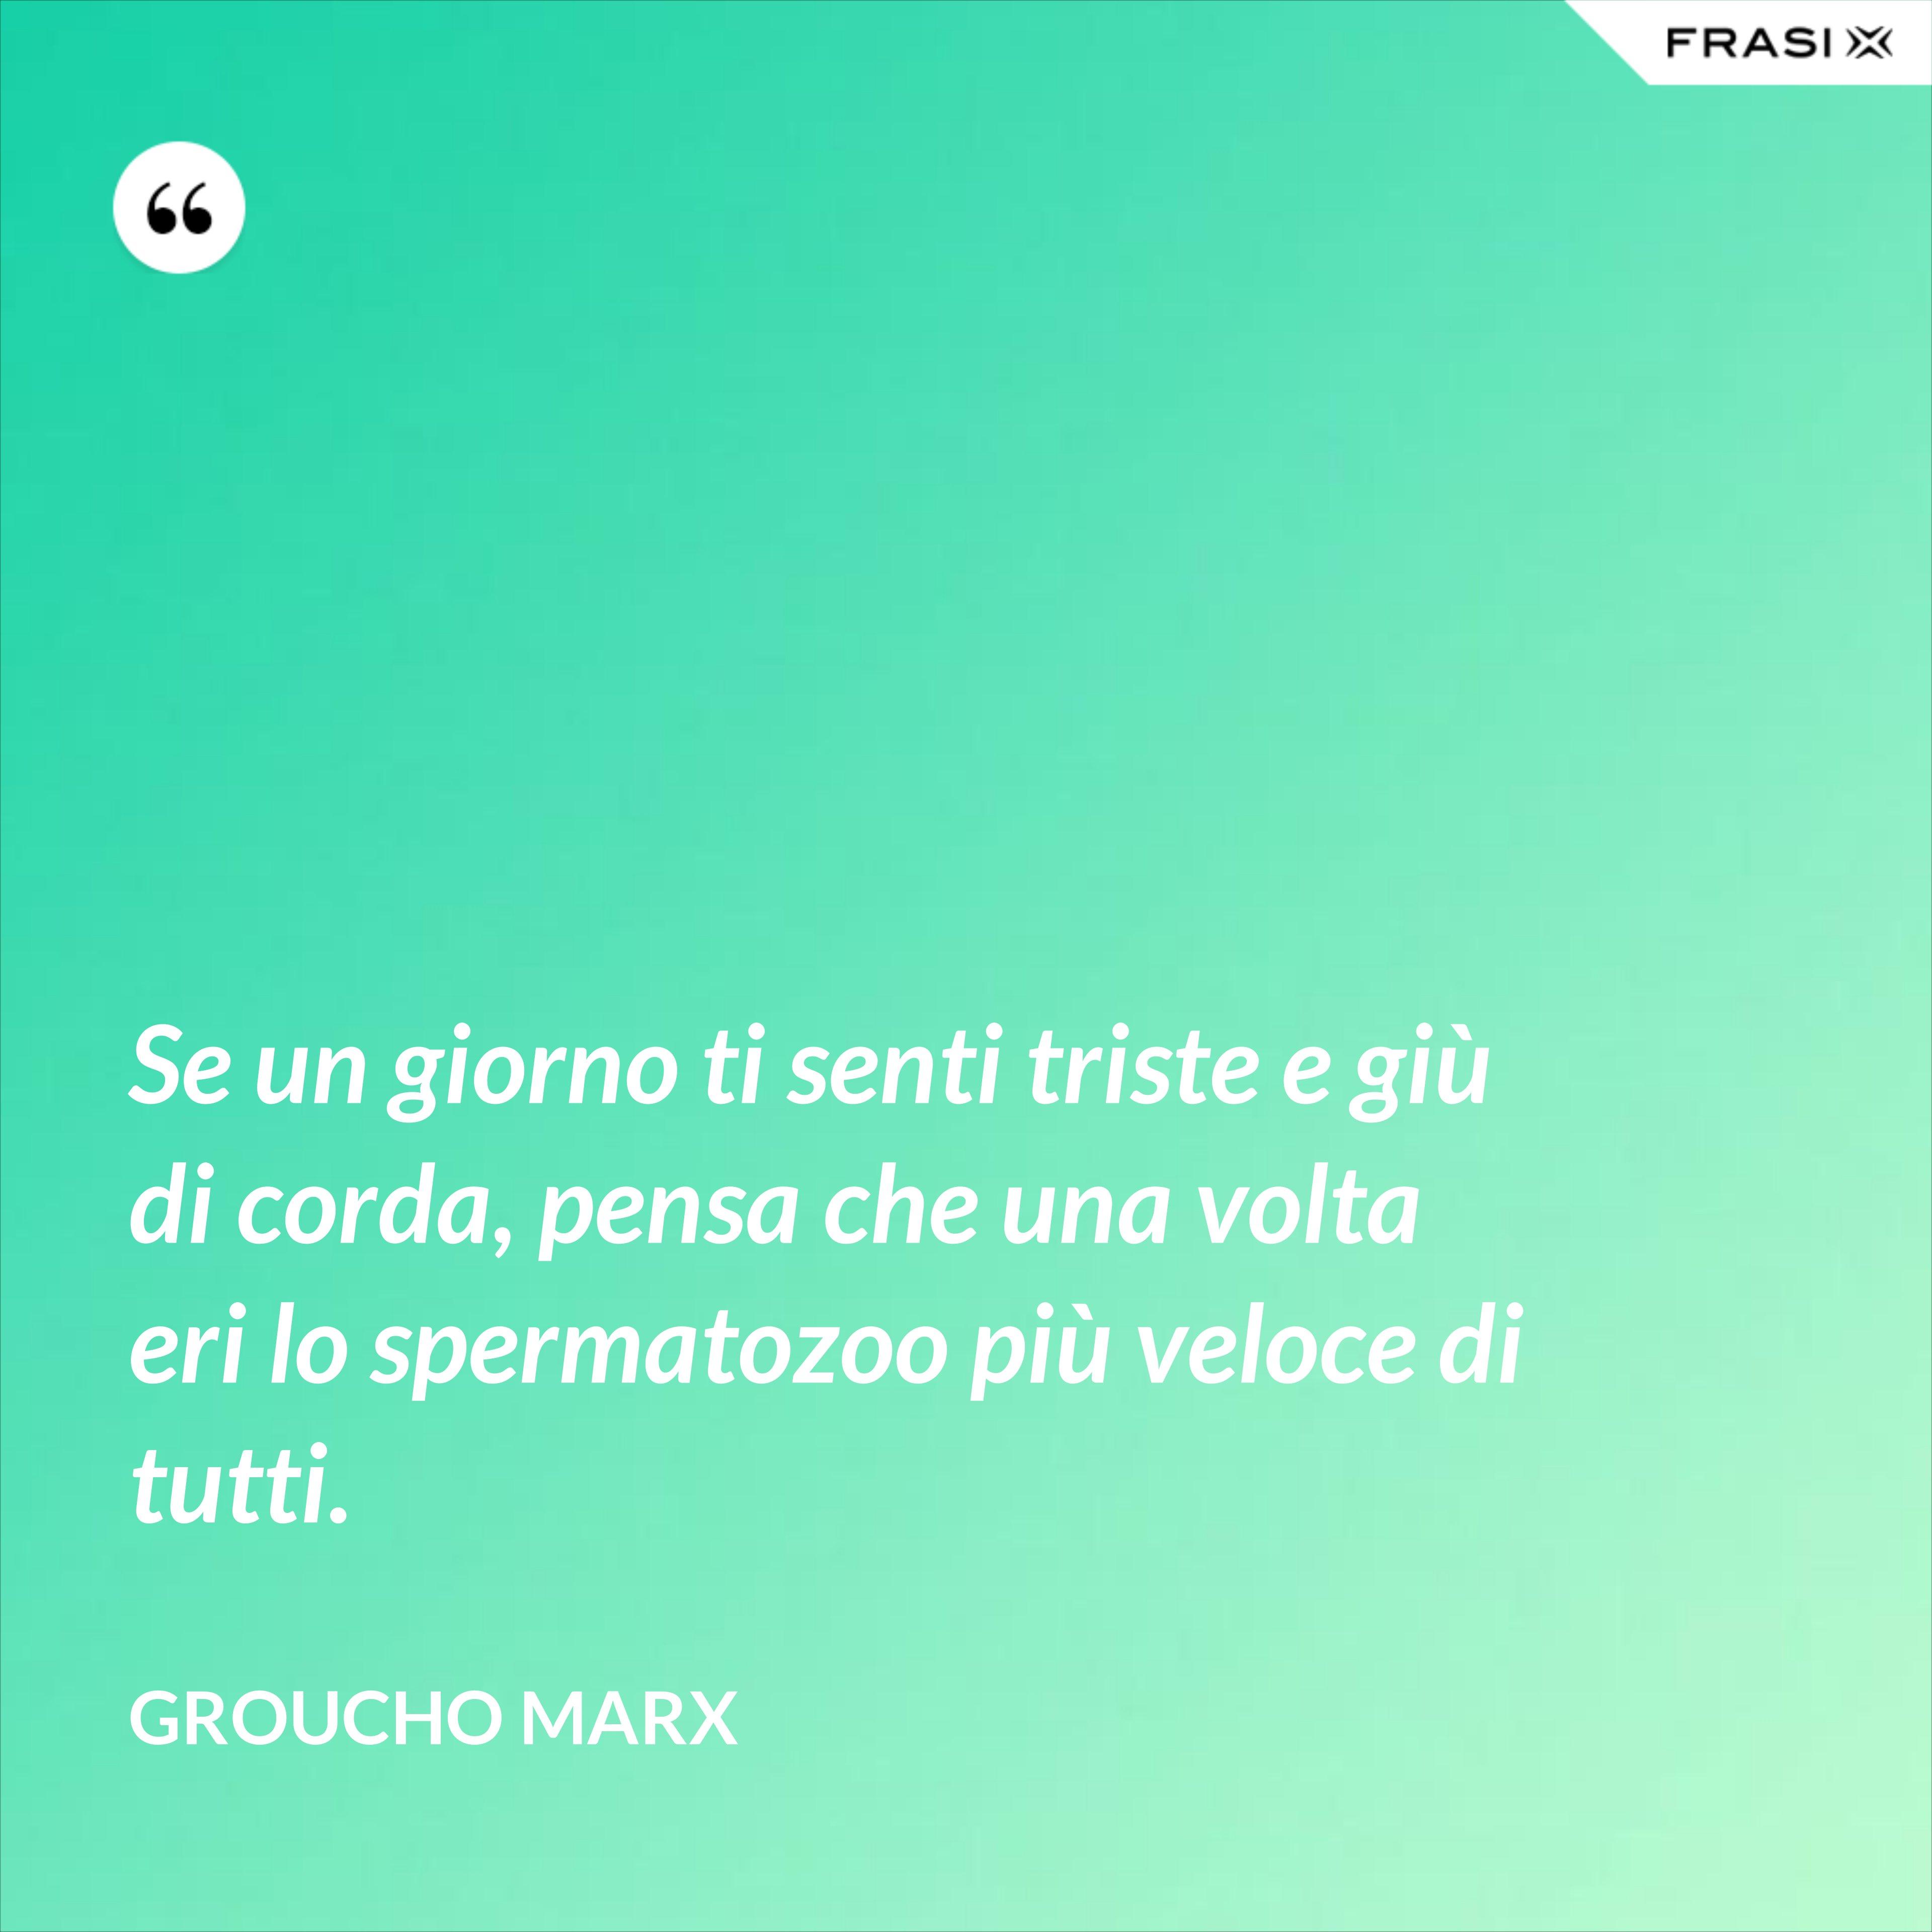 Se un giorno ti senti triste e giù di corda, pensa che una volta eri lo spermatozoo più veloce di tutti. - Groucho Marx